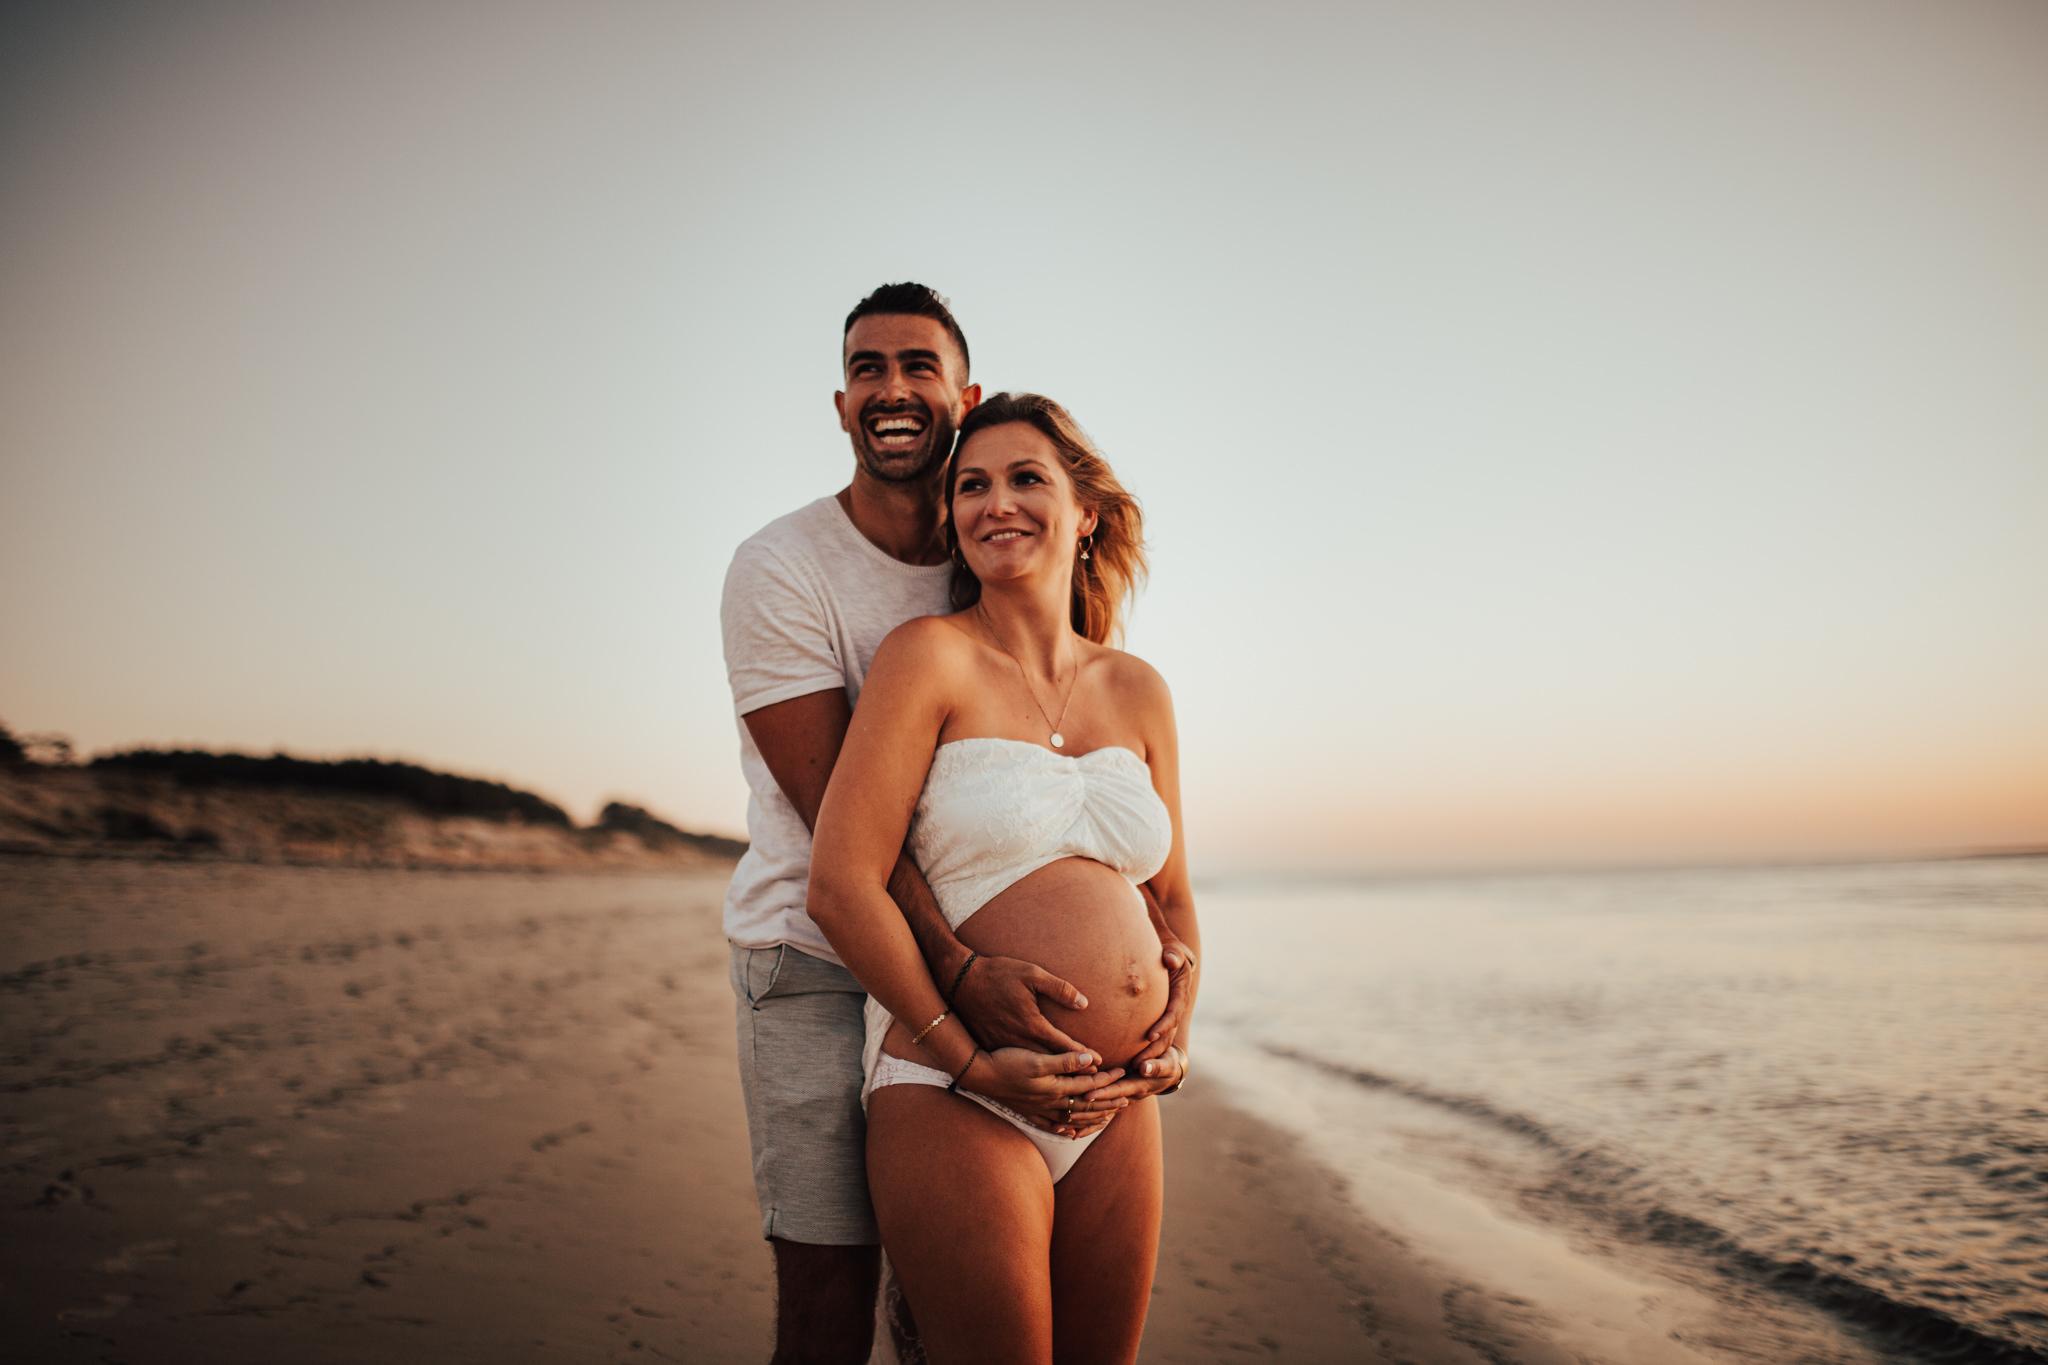 photographe grossesse famille bébé naissance gironde sud ouest